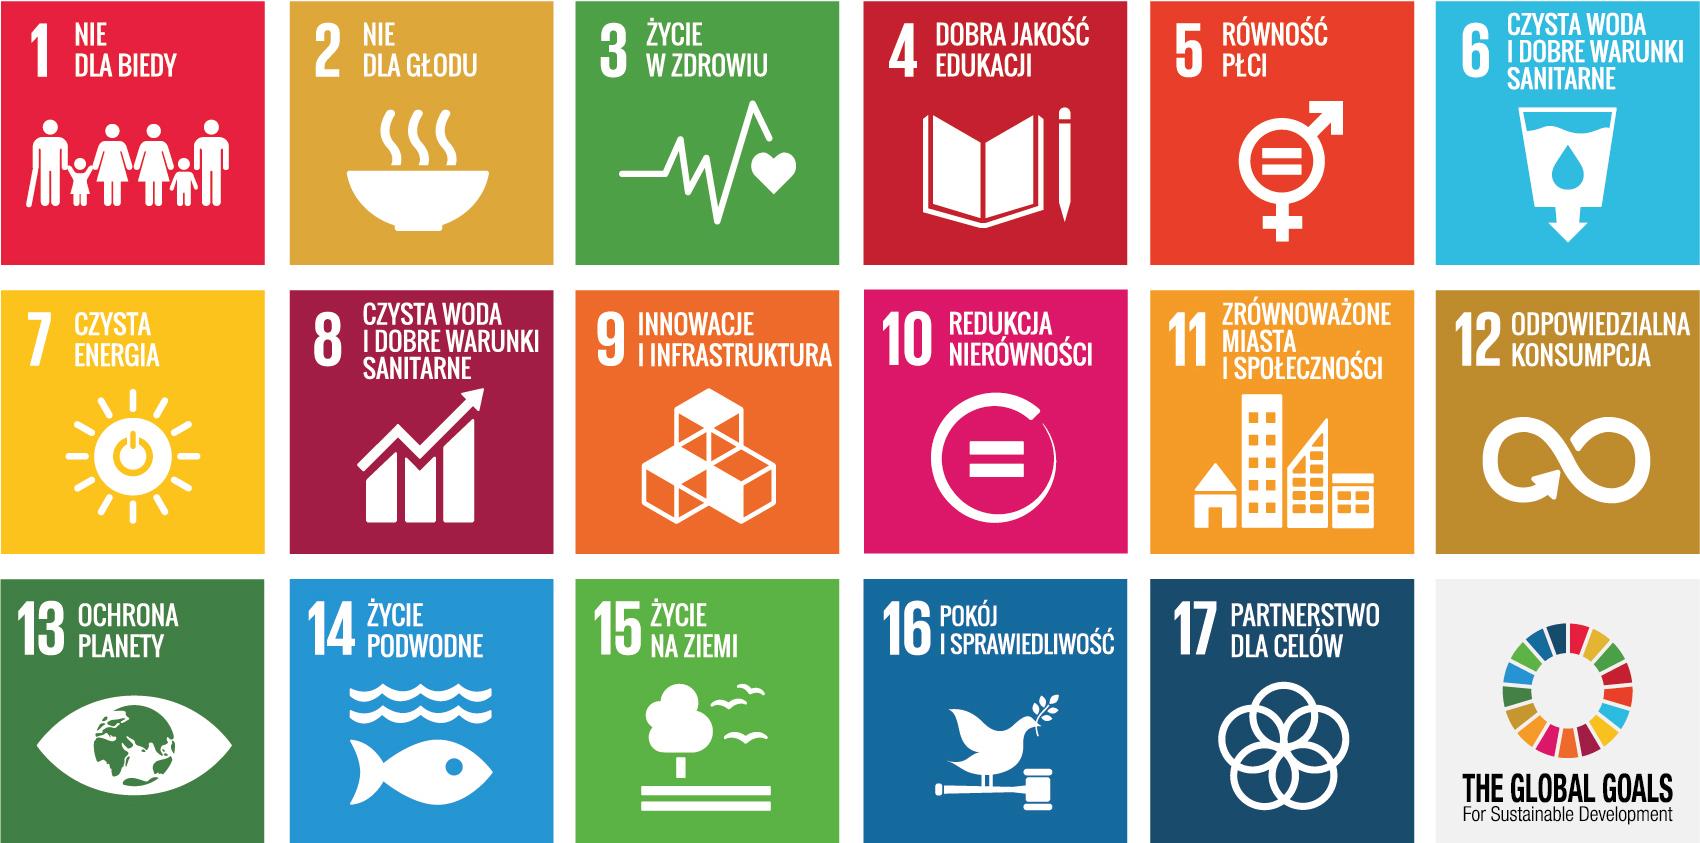 17 Celów Zrównoważonego Rozwoju